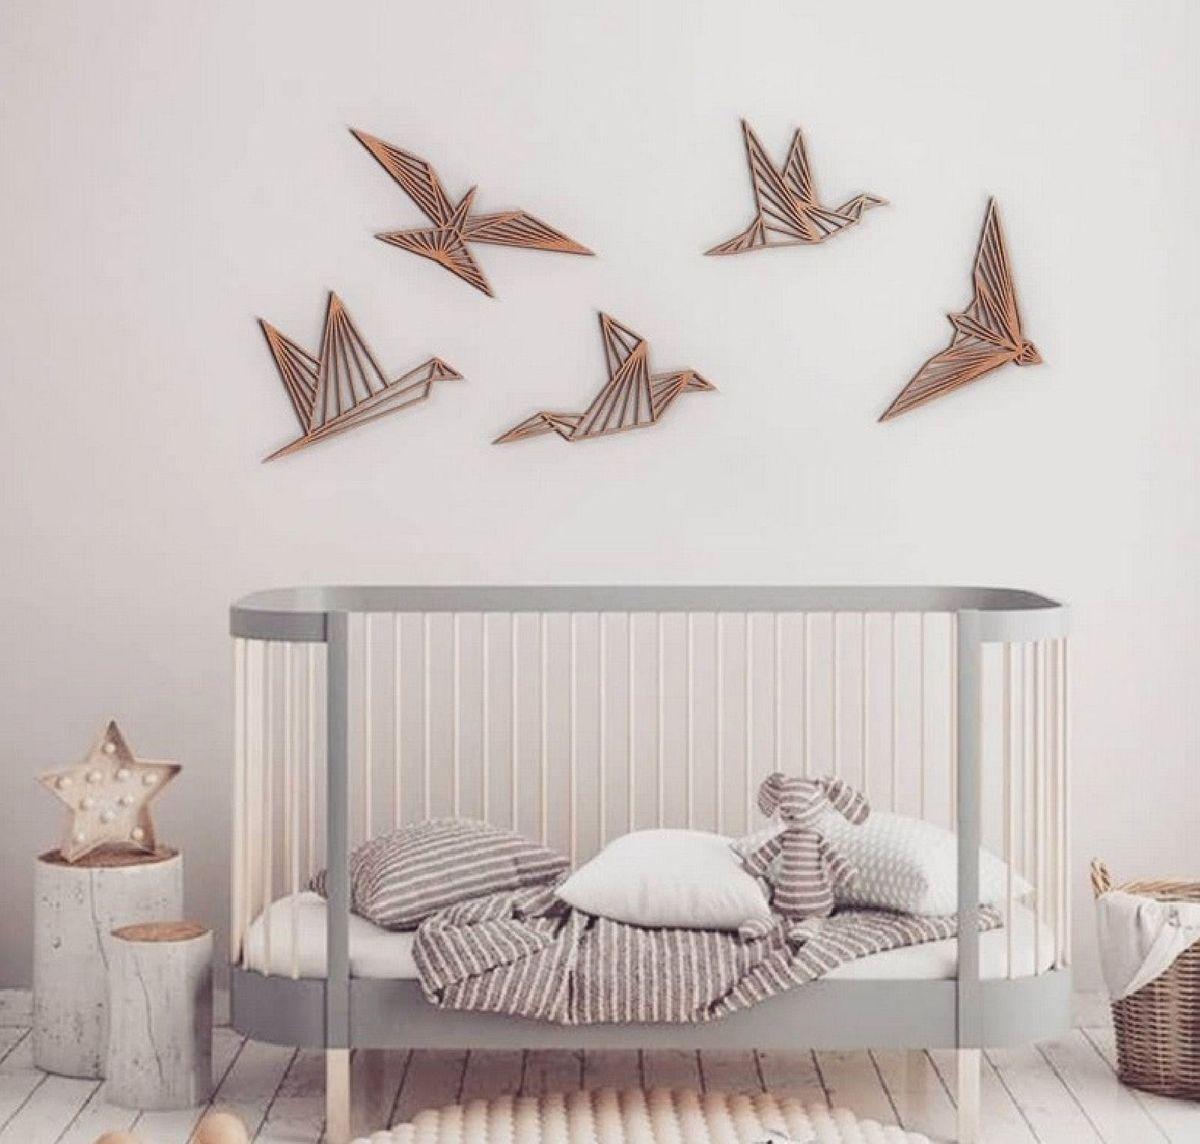 Laser Cut Wooden Birds Wall Decor Modern Wall Art Free Vector